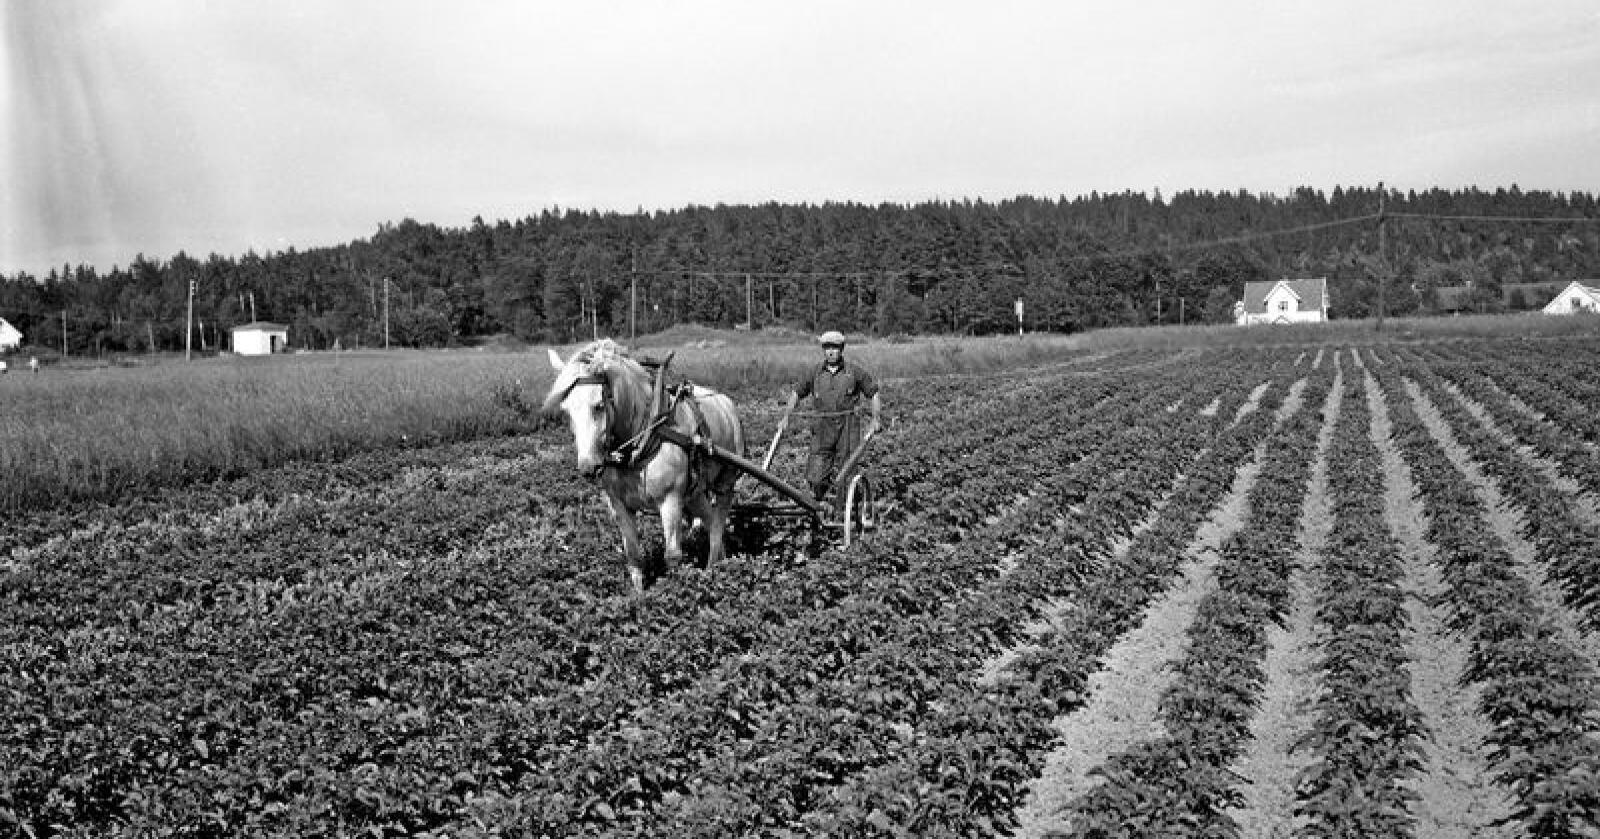 Hestekrefter: Potethypping i Borre i 1953. Hesten er død, arbeideren har dagpenger. Foto:  NTB / Scanpix